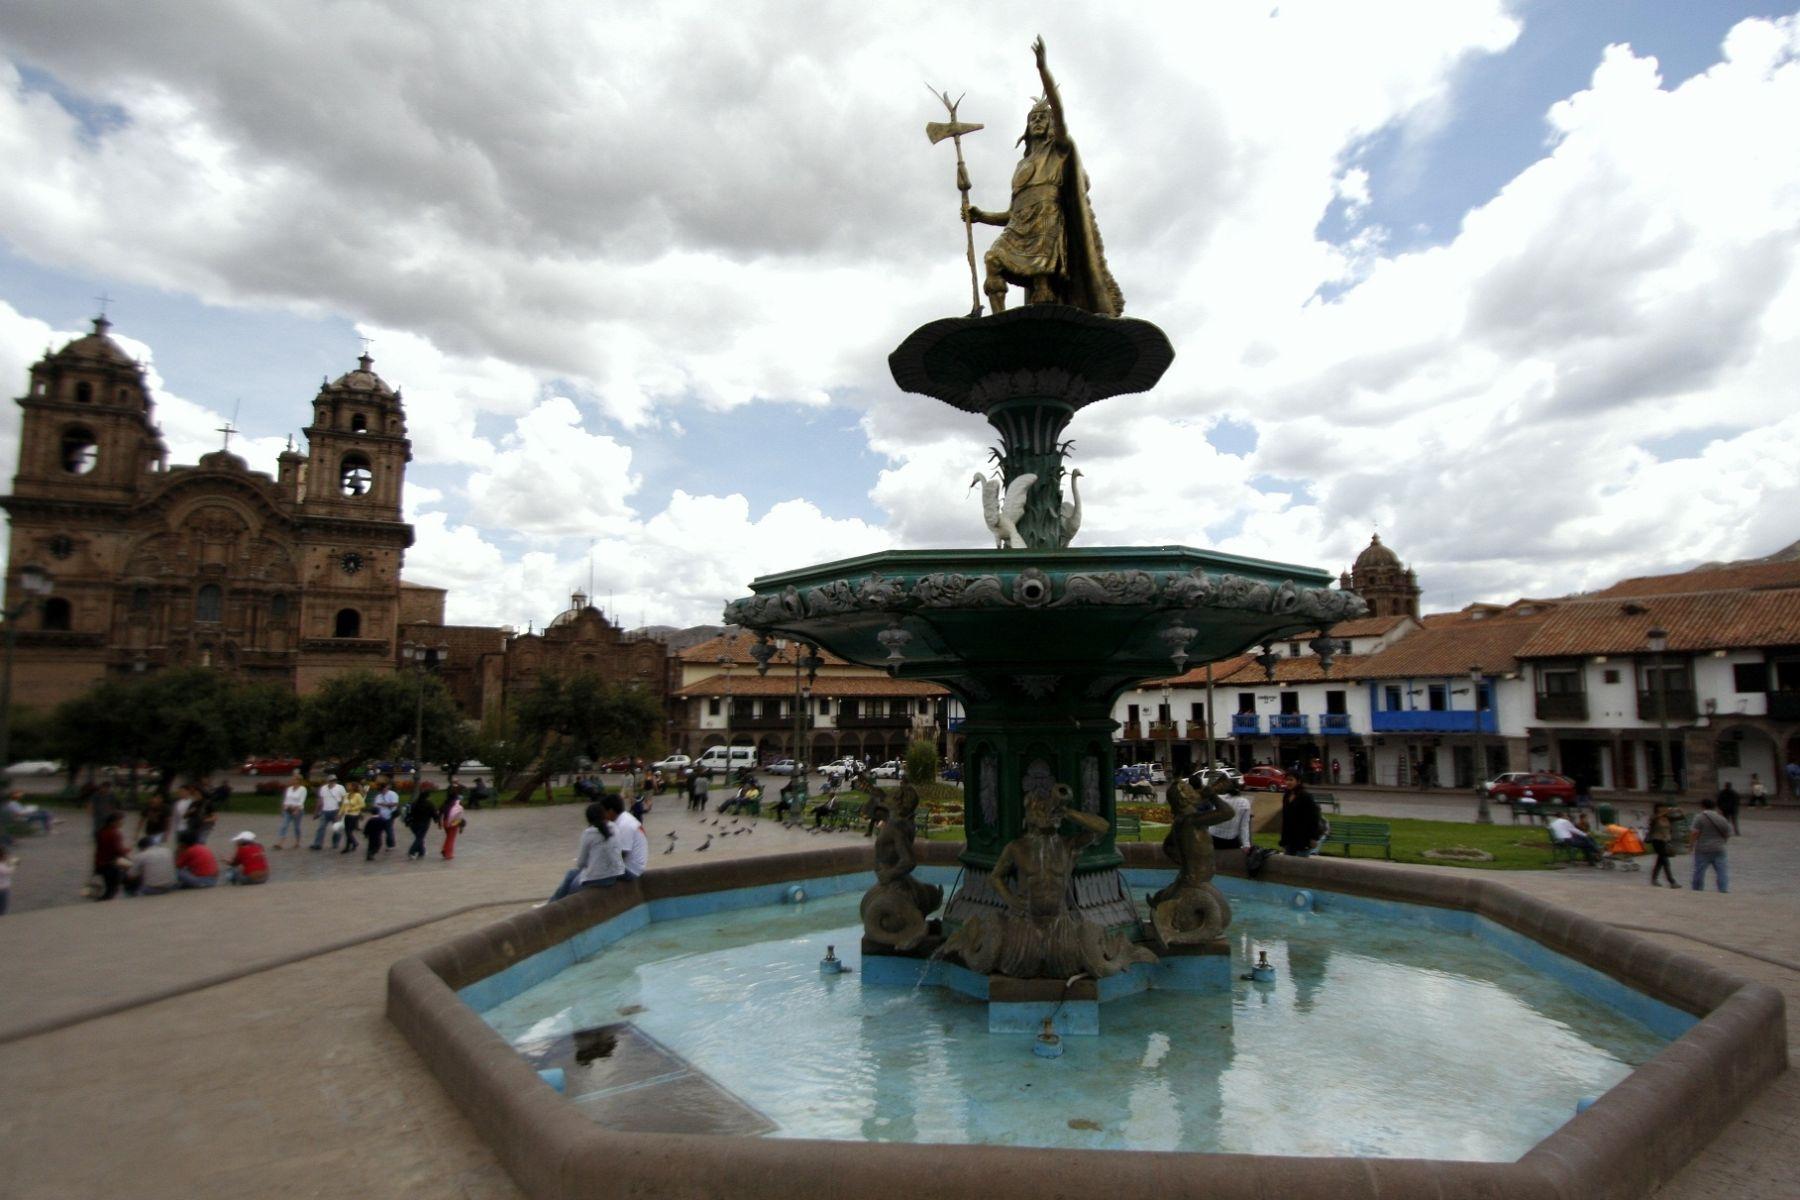 Monumento al inca instalado en la plaza de Armas de Cusco. Foto: ANDINA/Percy Hurtado.